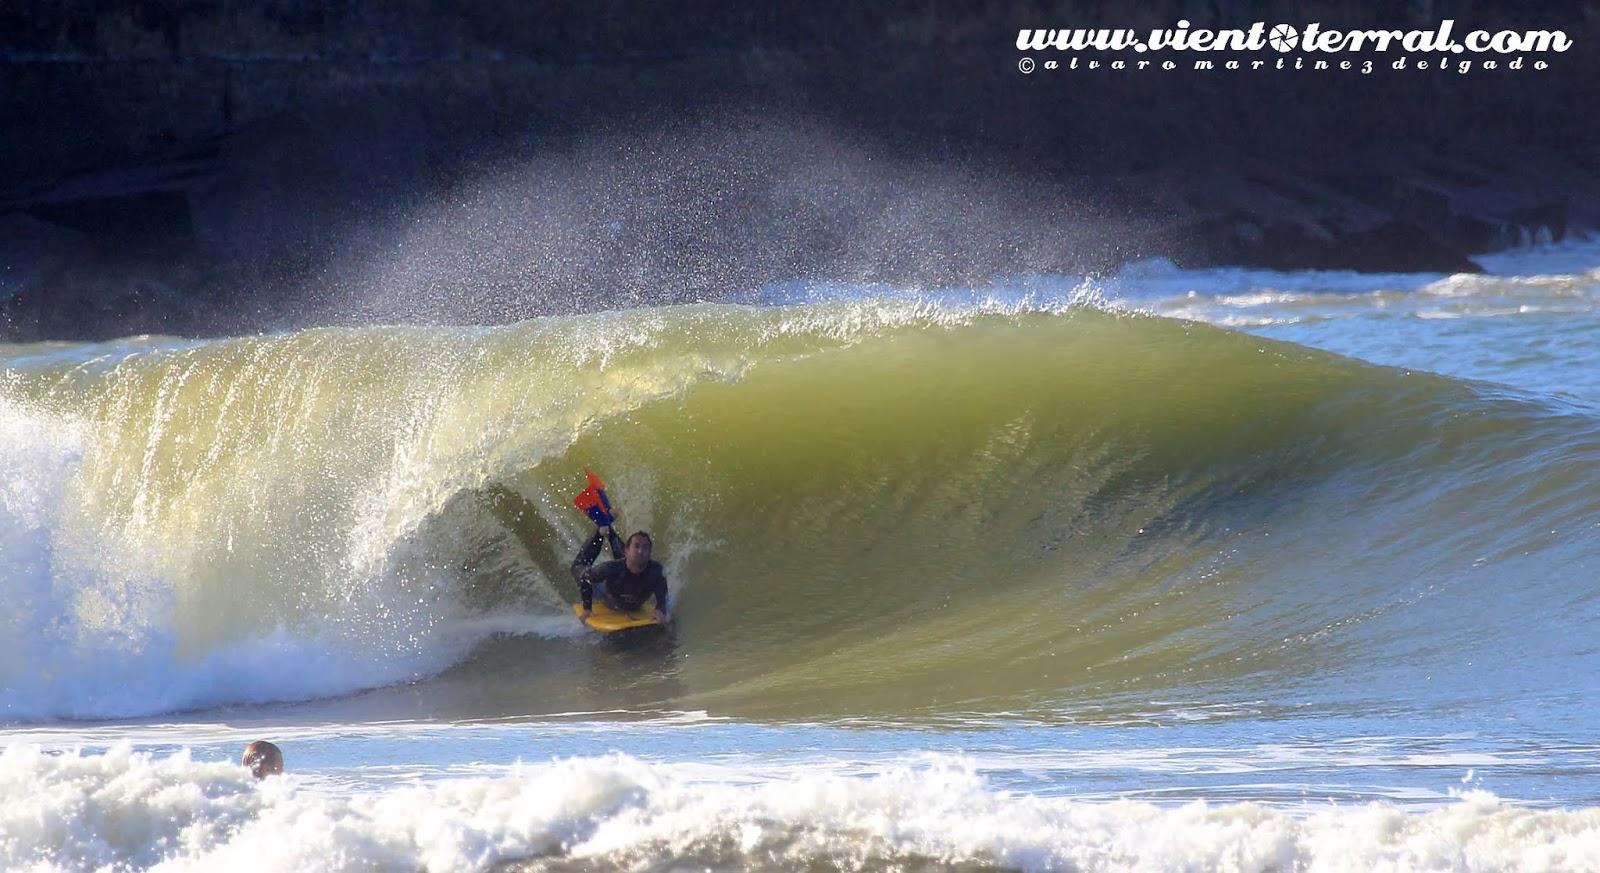 surf viento terral seleccion mejores fotos